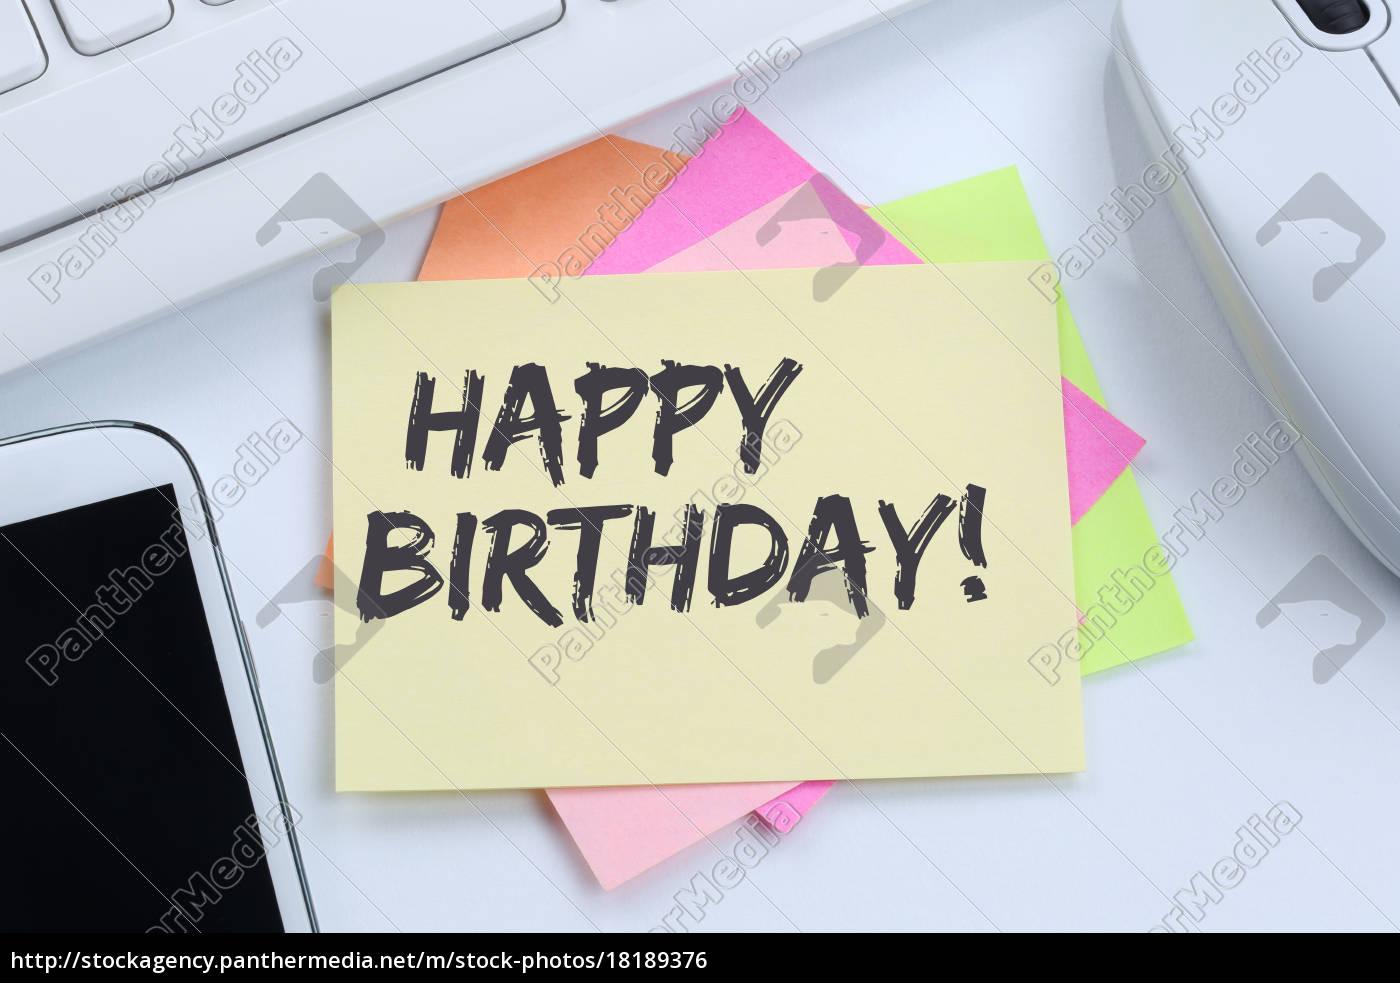 Happy Birthday alles Gute zum Geburtstag Arbeit - Lizenzfreies Foto ...